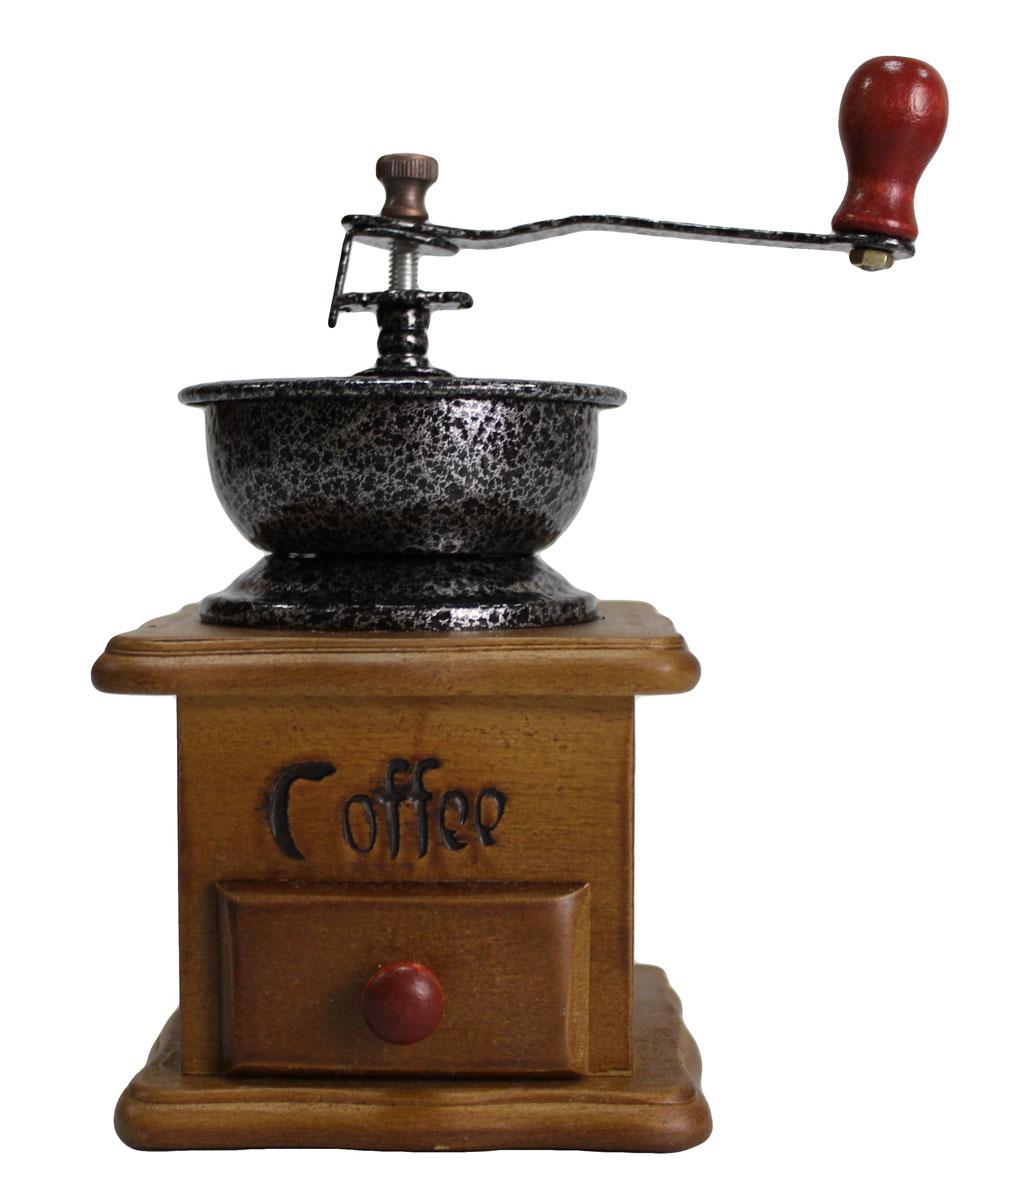 Кофемолка N/N, с деревянным основанием827001Деревянная ручная кофемолка с металлическим механизмом, чугунными жерновами и регулировкой помола. Ручная кофемолка сохраняет кофе более ароматным. Выполнена в элегантном дизайне, прекрасно подойдет в качестве подарка.